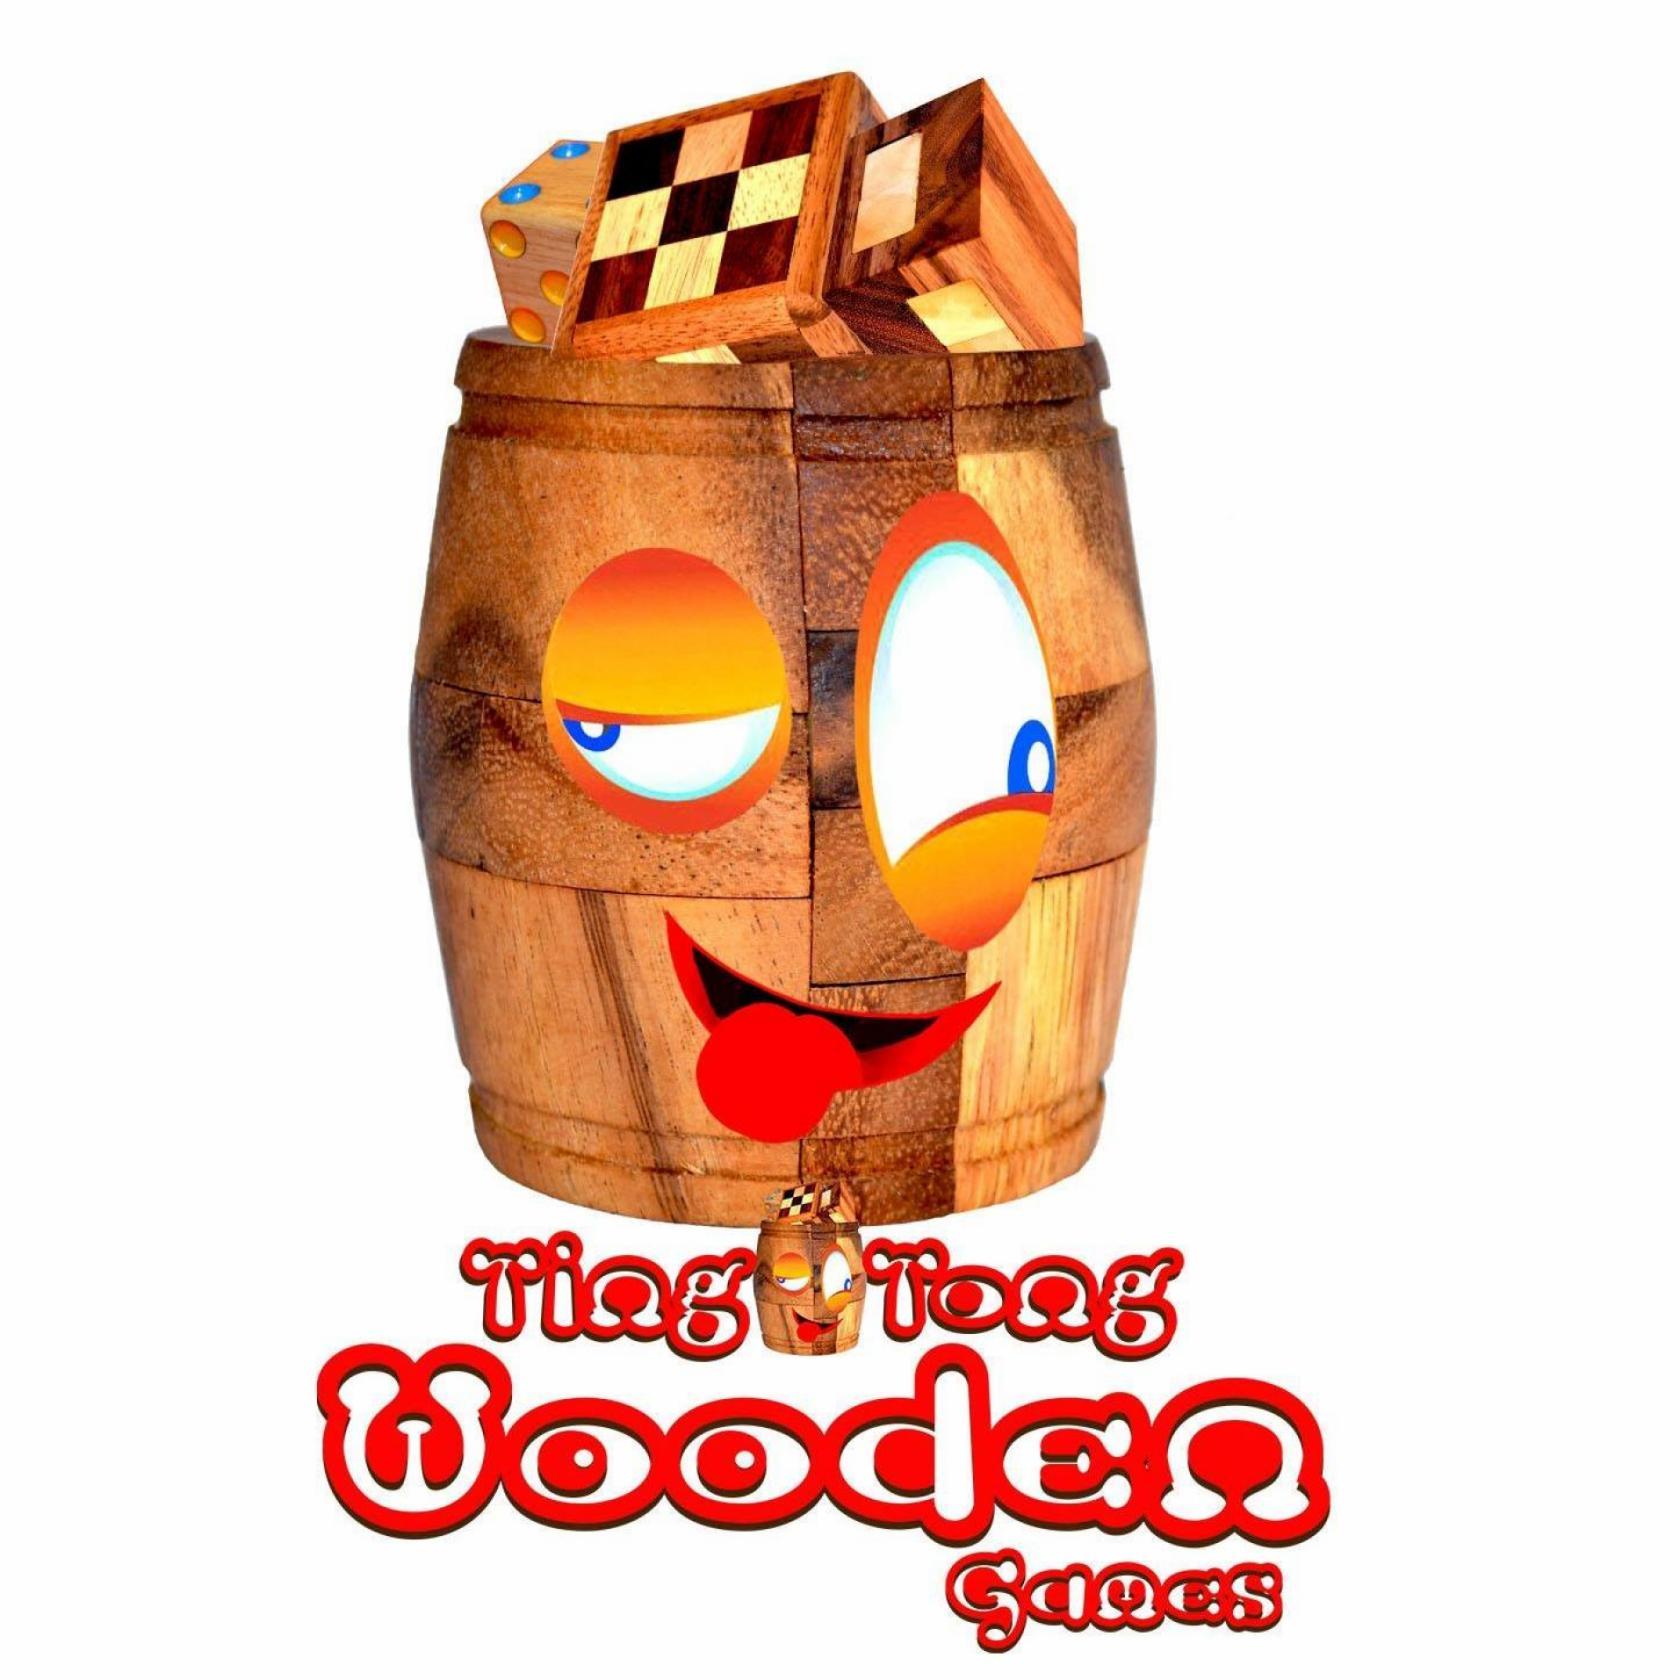 Ting Tong Woodengames